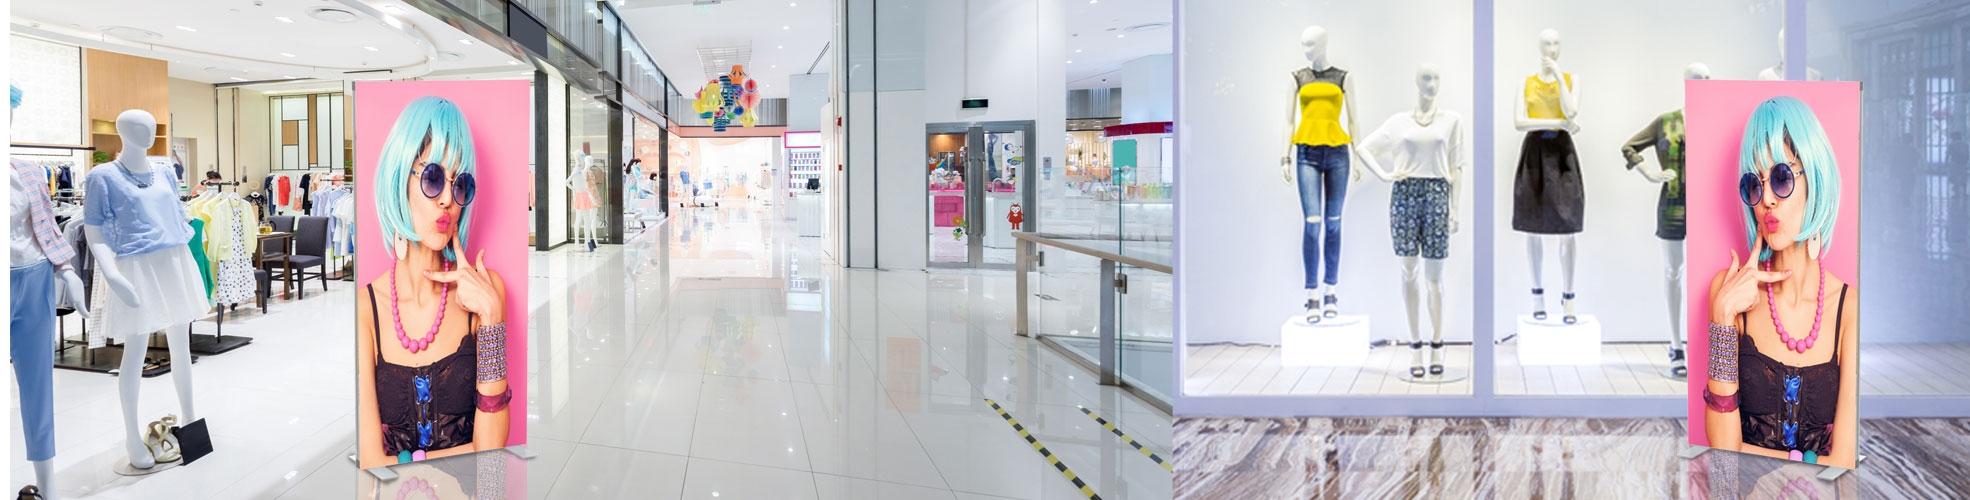 Pannelli grafici per stand per fiera, isole promozionali, negozi, centri commerciali